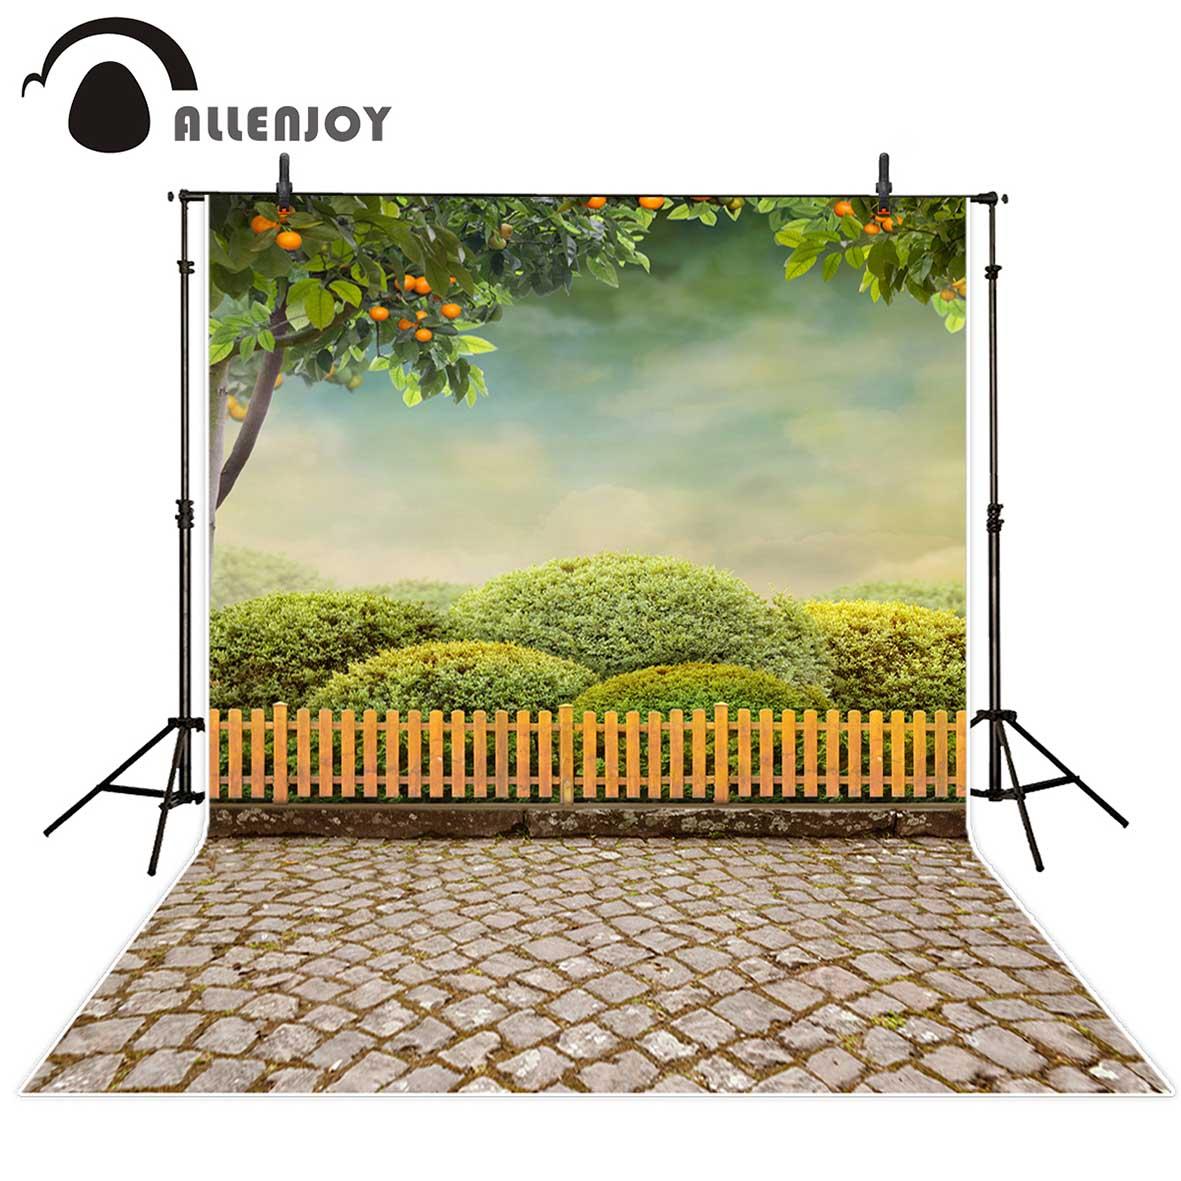 Allenjoy Photographie Enfants Fond Oranger Arbre Arbuste intérieur Brique Pour Bebe